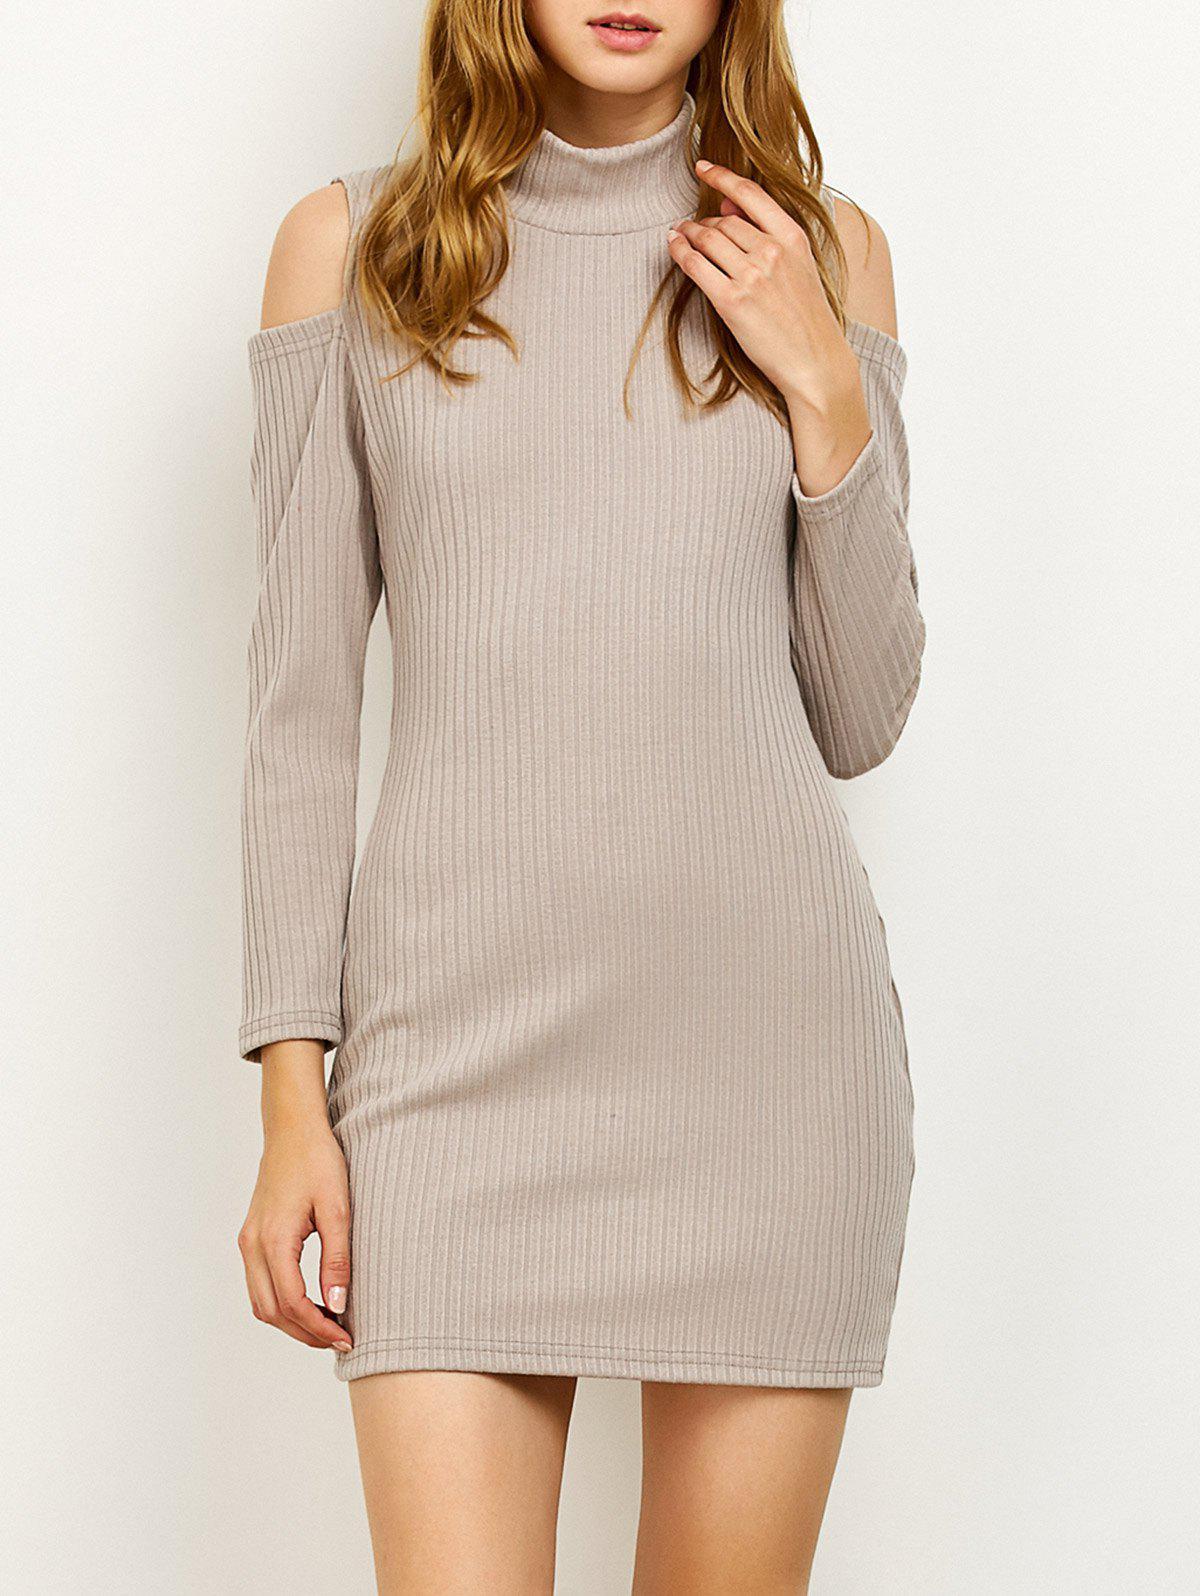 Cold Shoulder High Neck Ribbed Sweater Dress 200944704